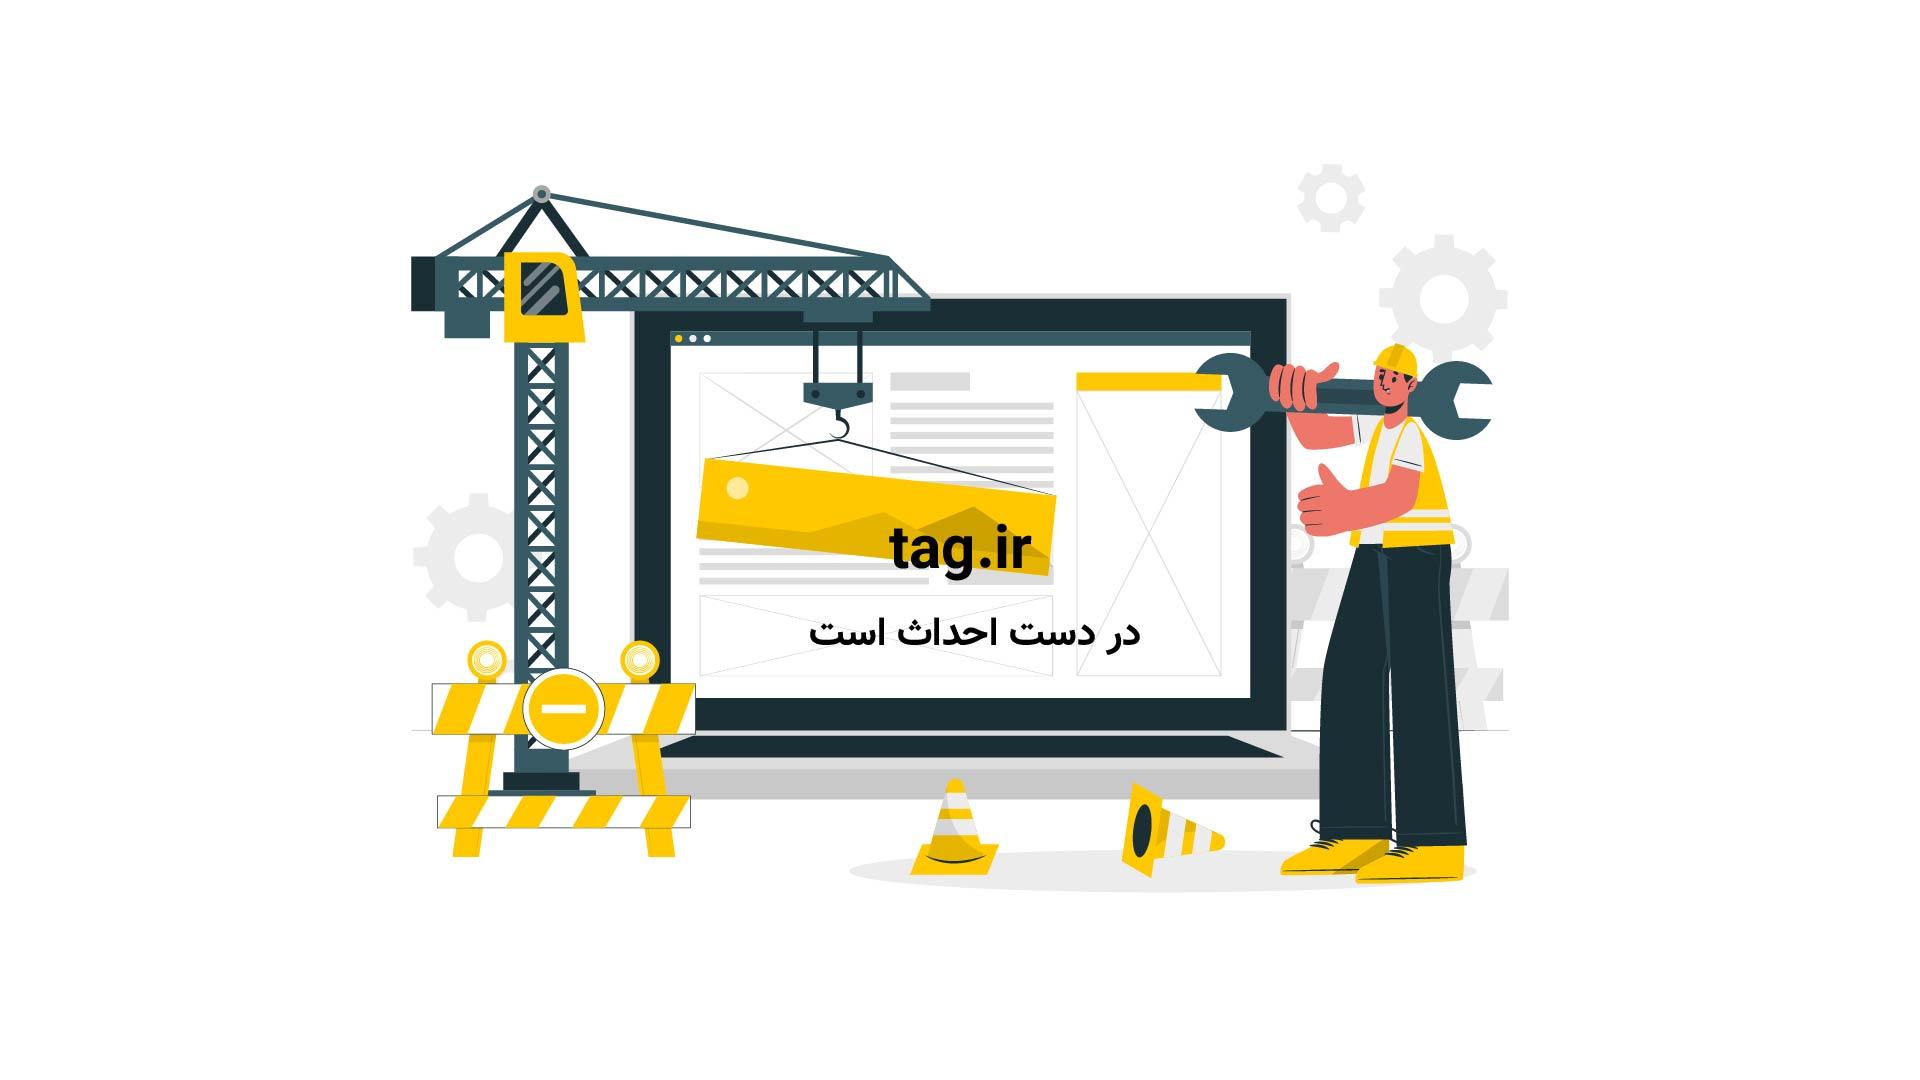 انیمیشن موزیکال «ترول ها» بزودی اکران می شود | فیلم